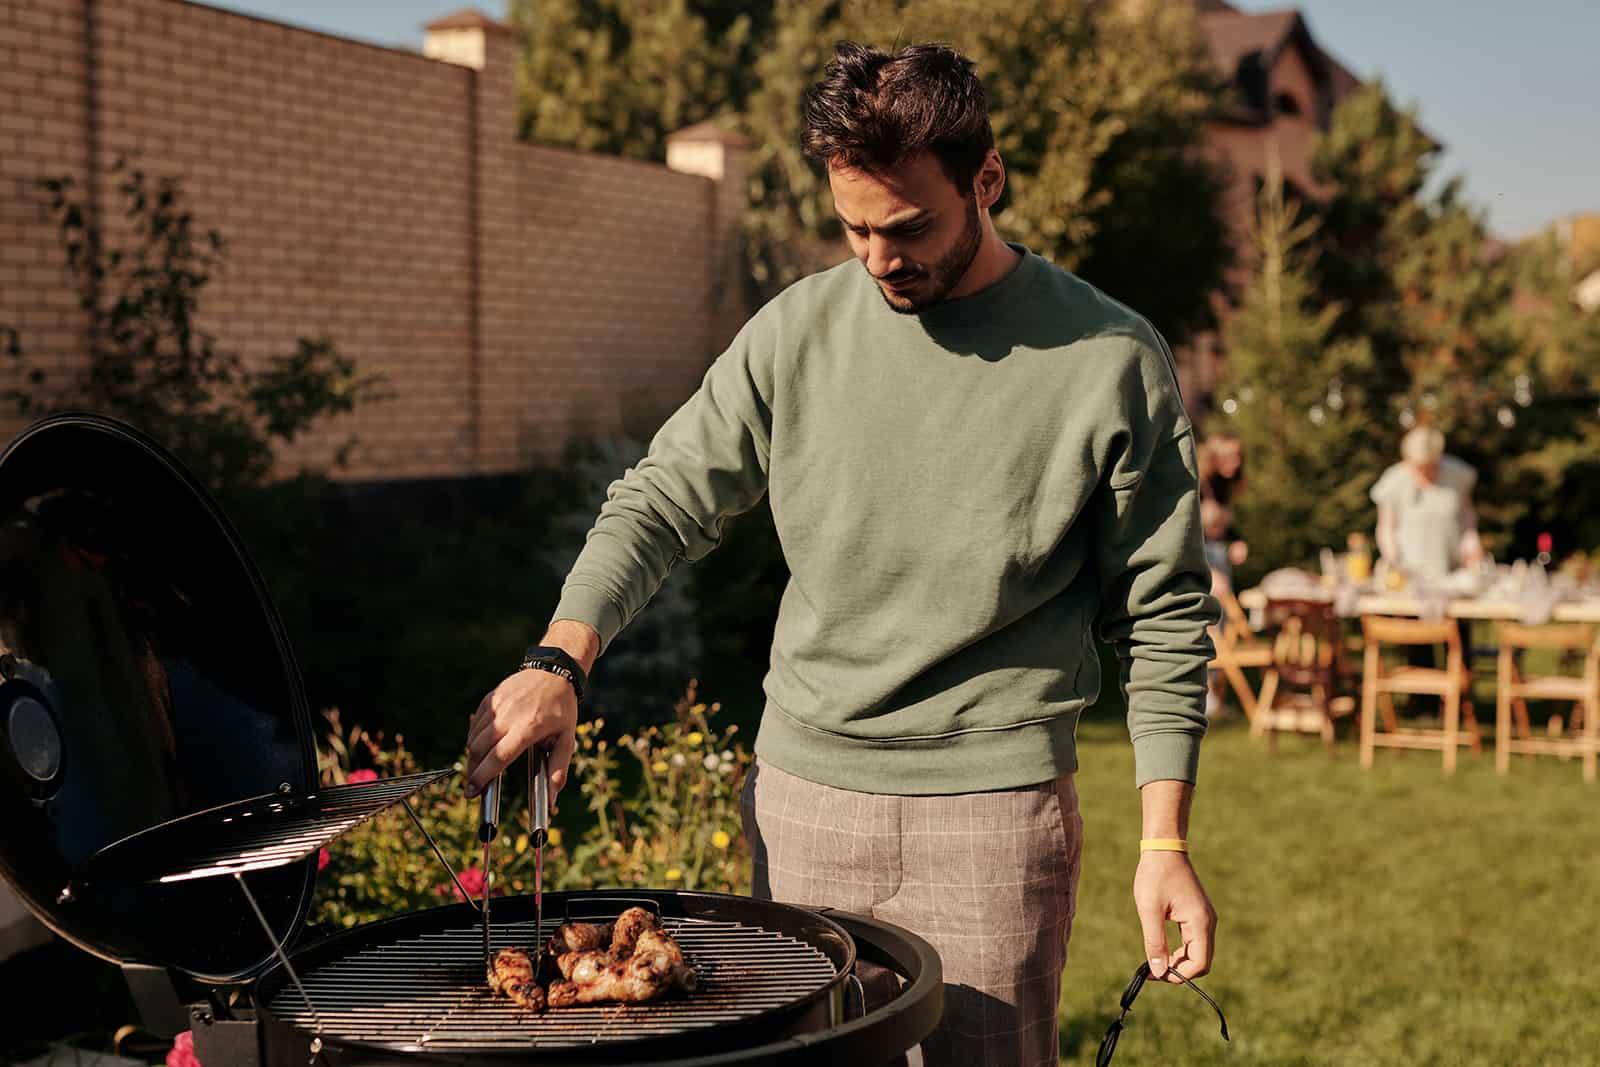 Ein Mann stand in der Nähe des Grills und bereitete Fleisch zu